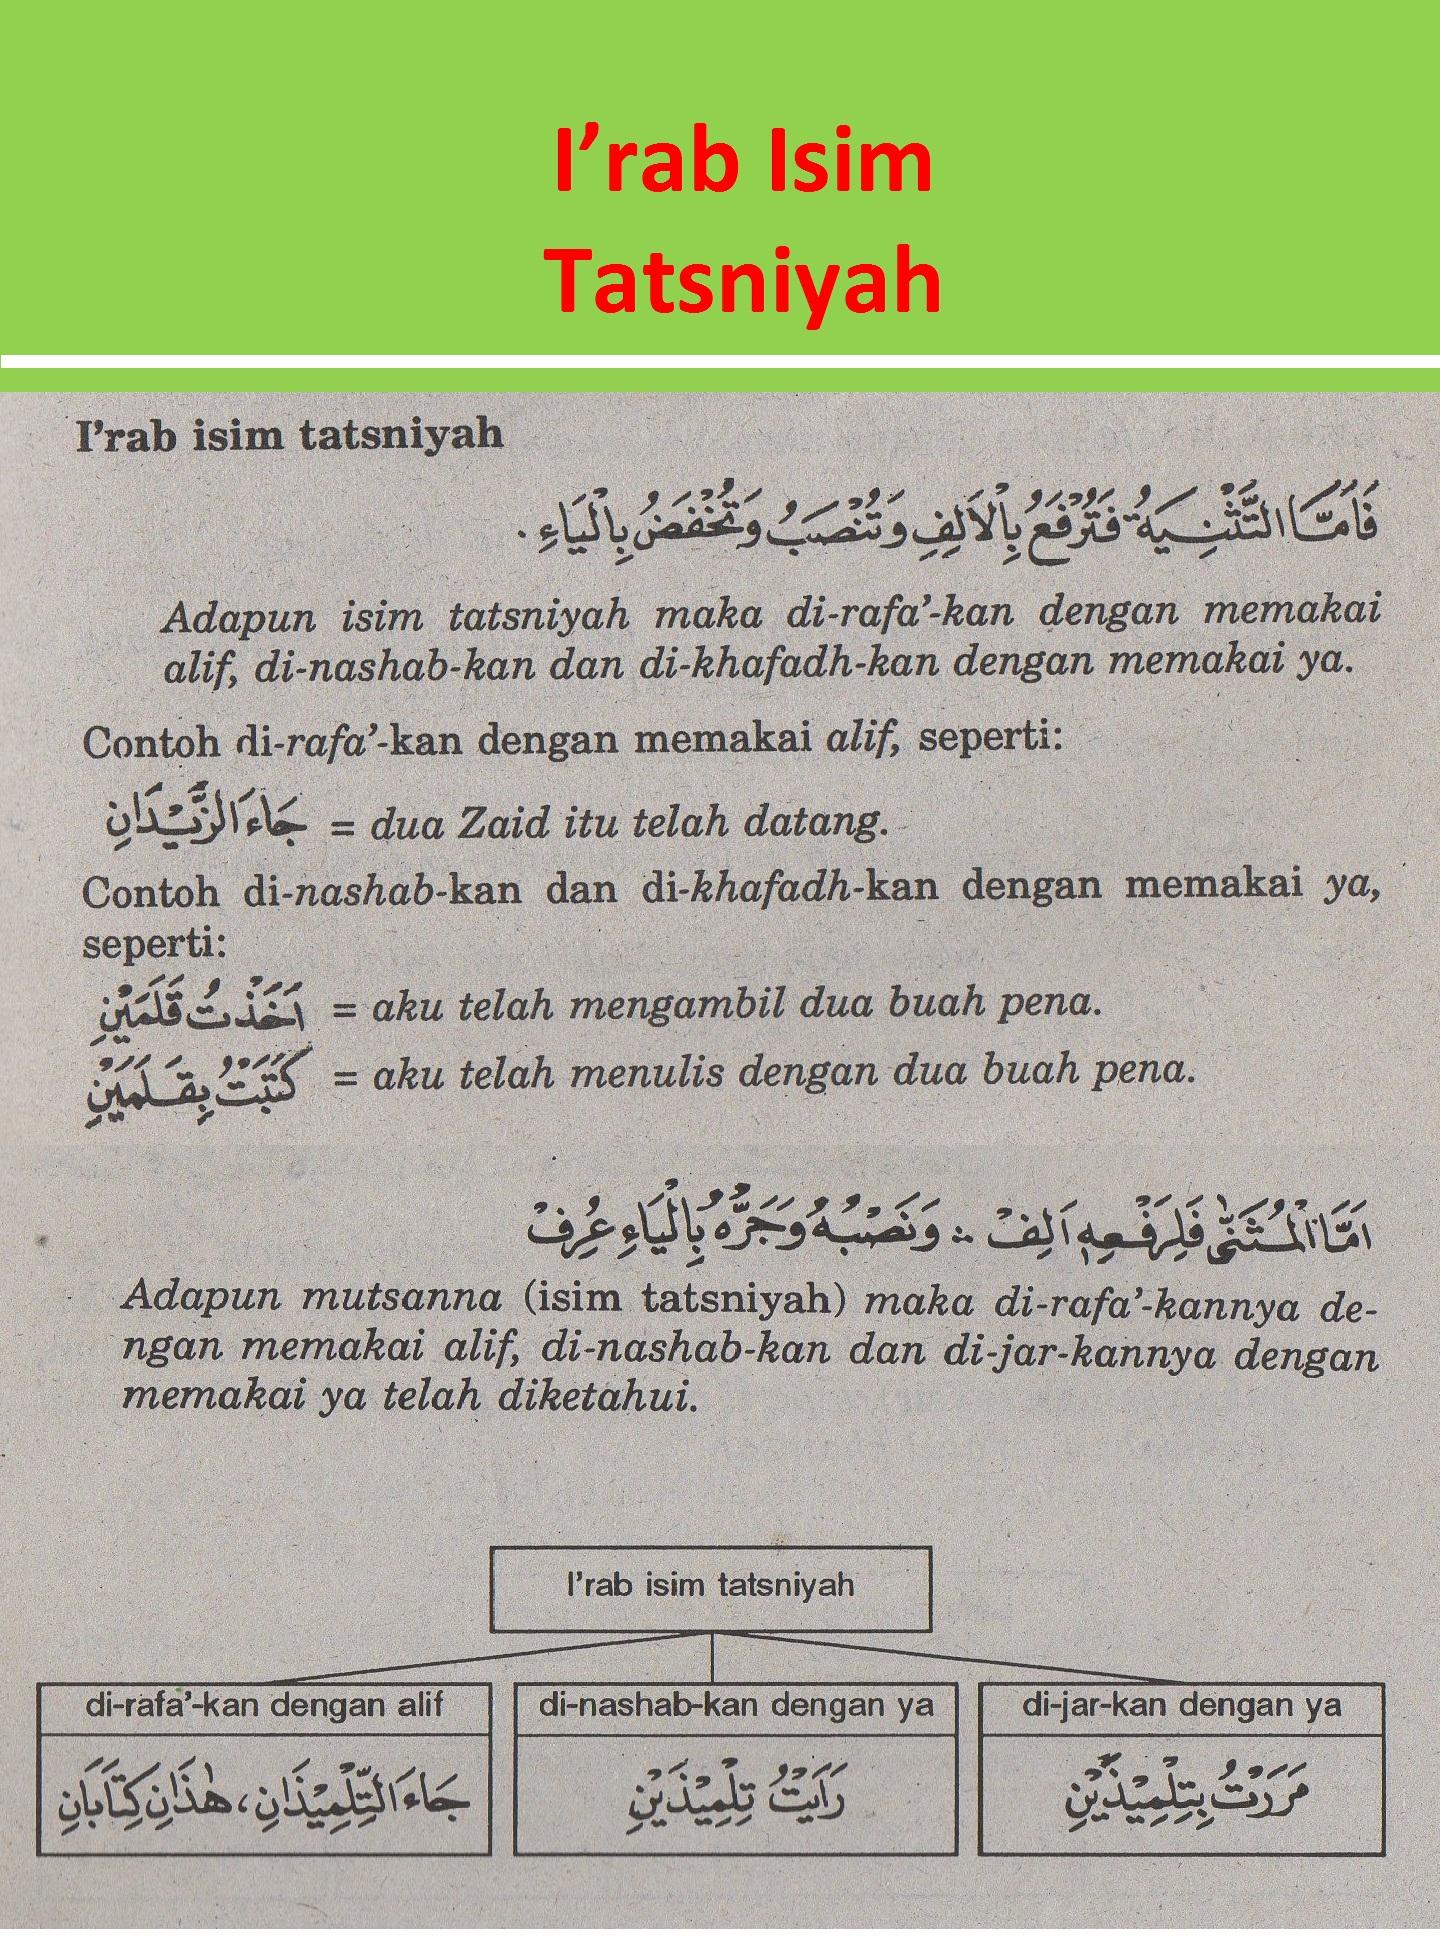 belajar bahasa arab ilmu nahwu i rab isim tatsniyah